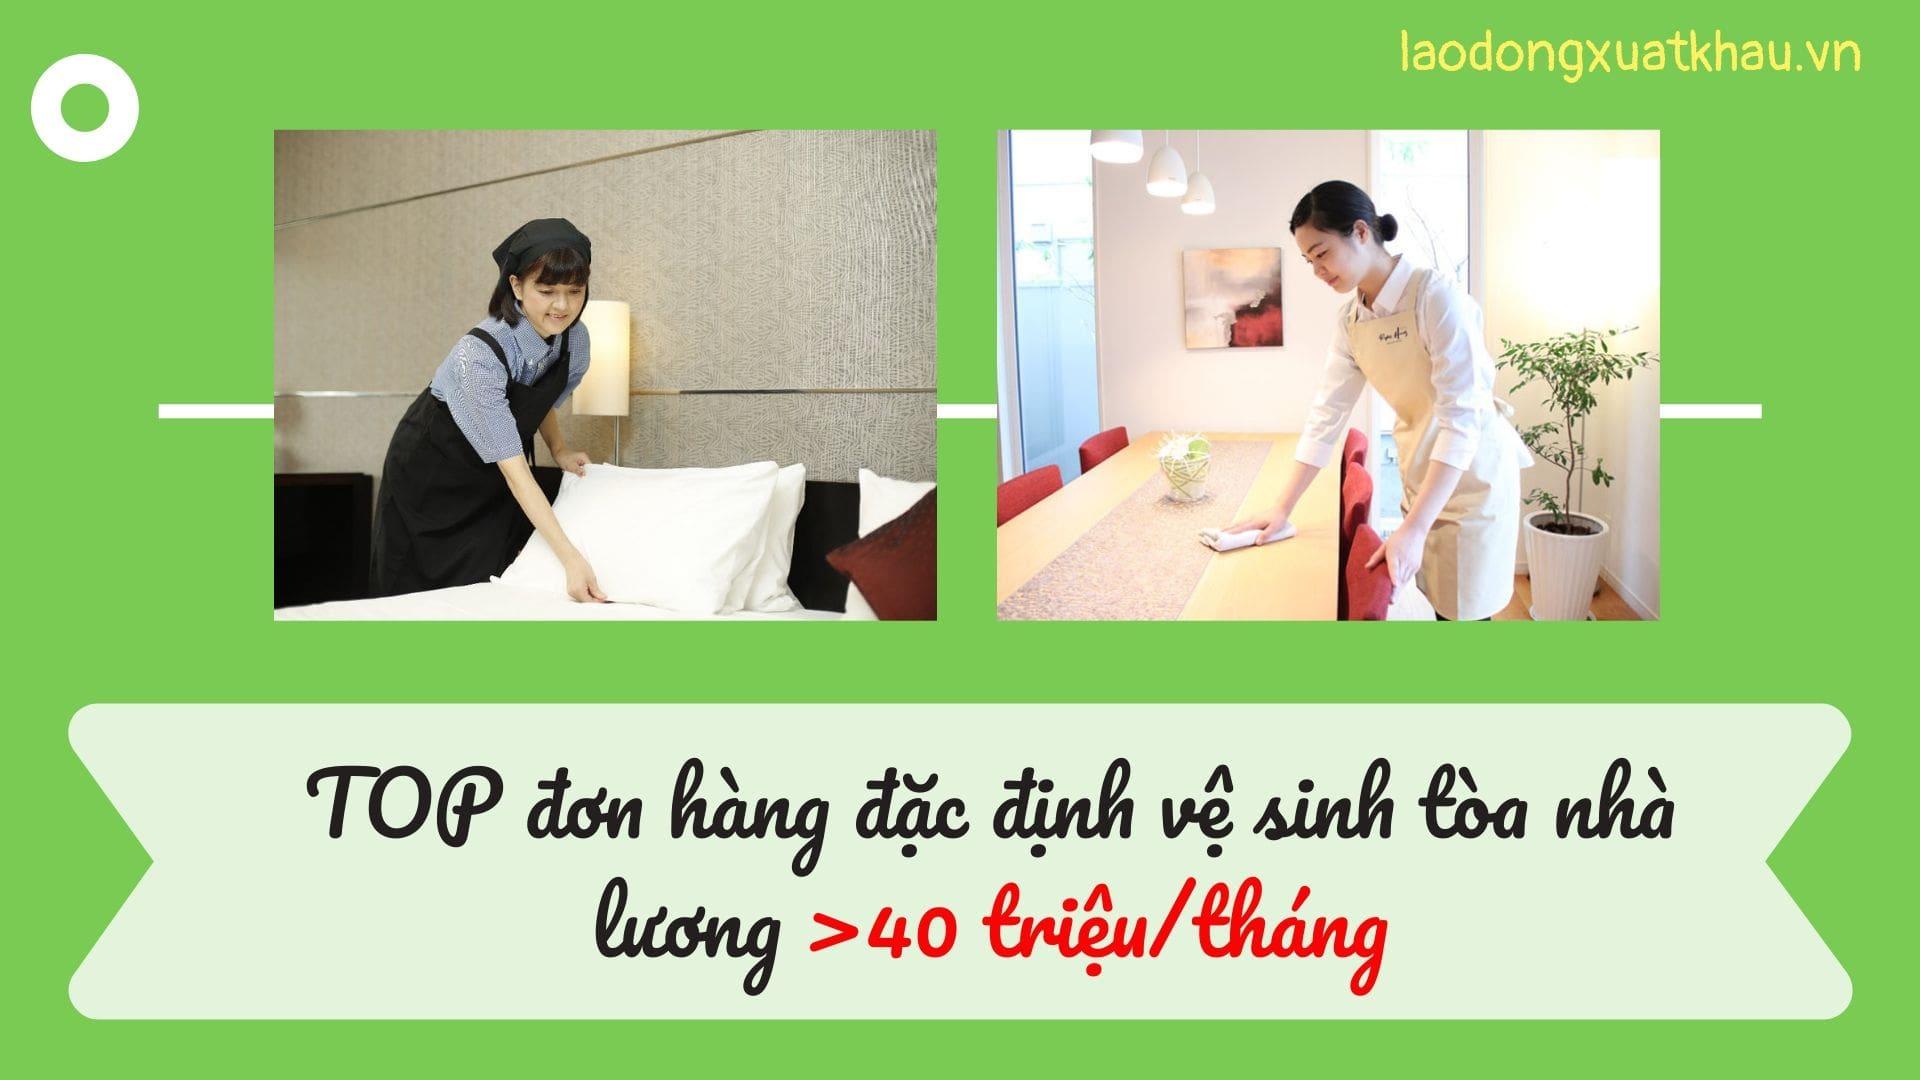 TOP đơn hàng đặc định ngành vệ sinh tòa nhà lương 40 triệu/tháng nên tham gia